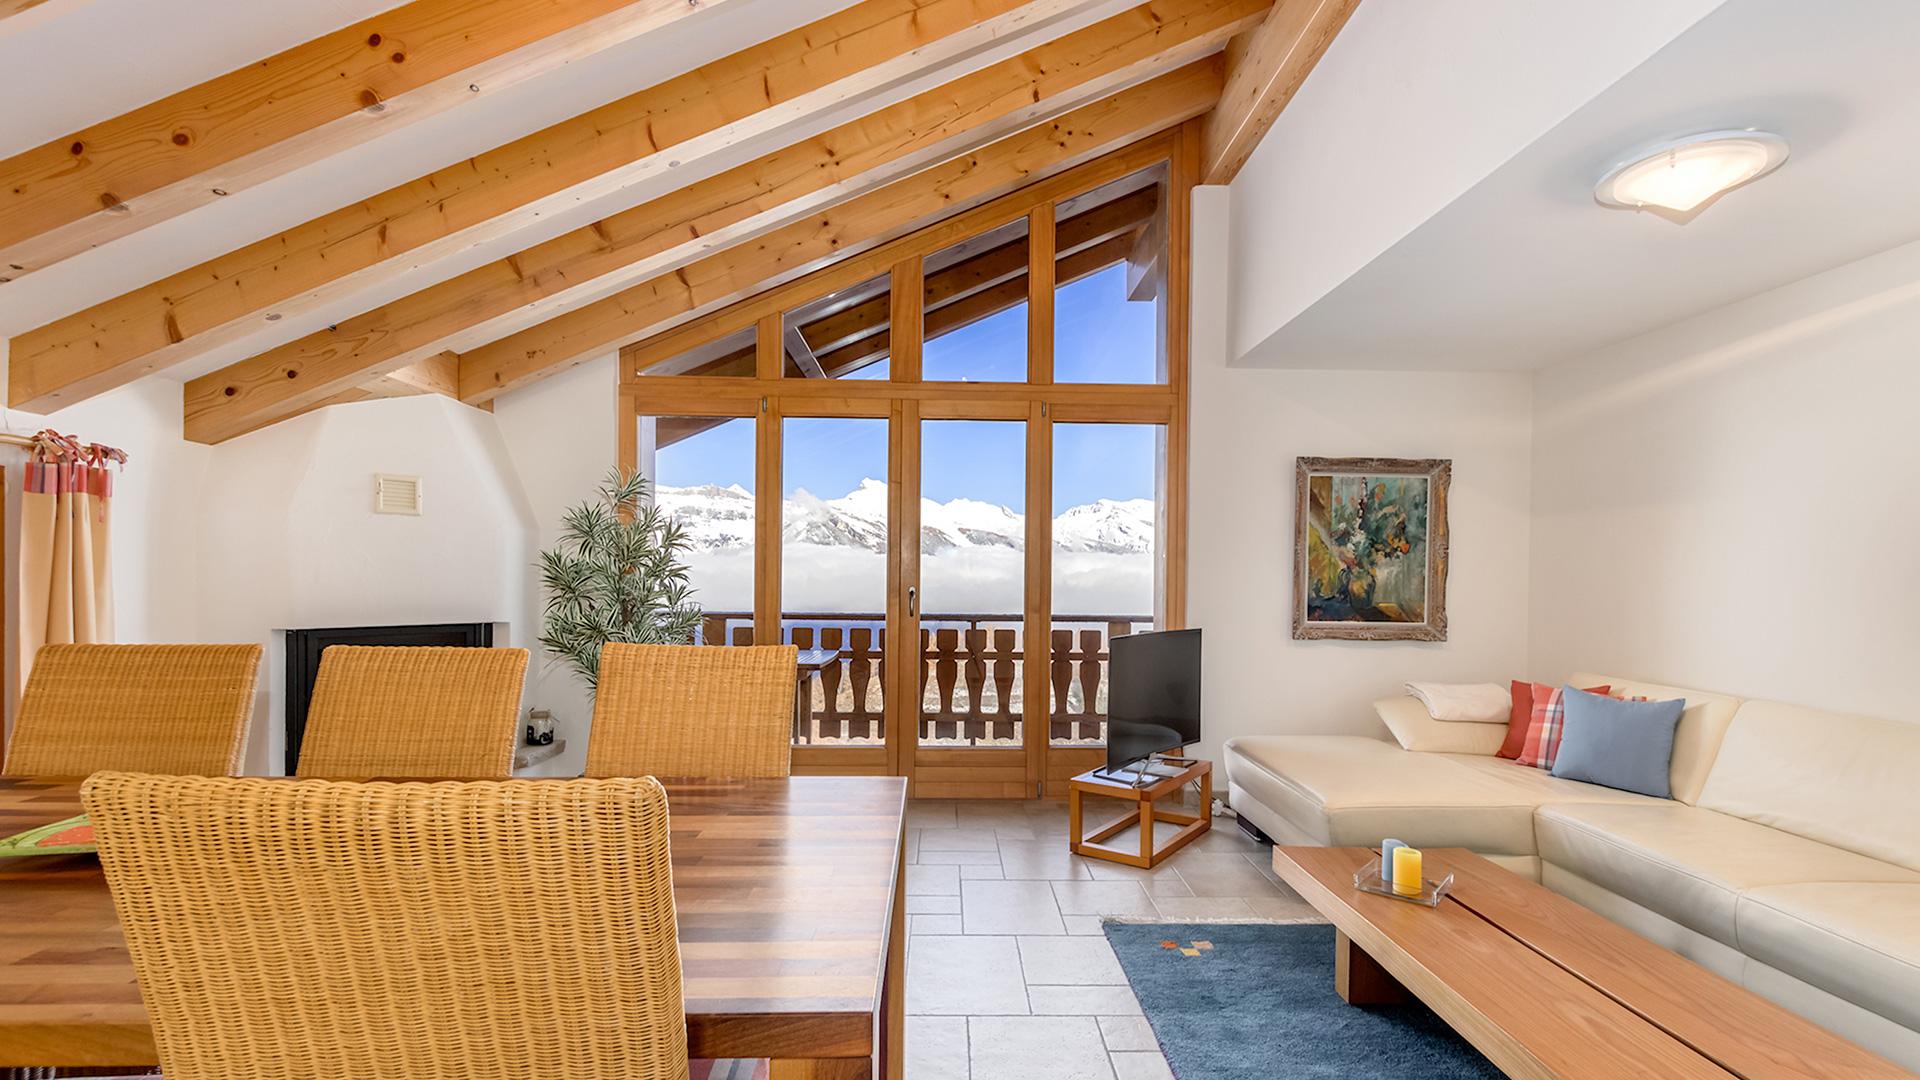 Grand Panorama 10 Apartments, Switzerland